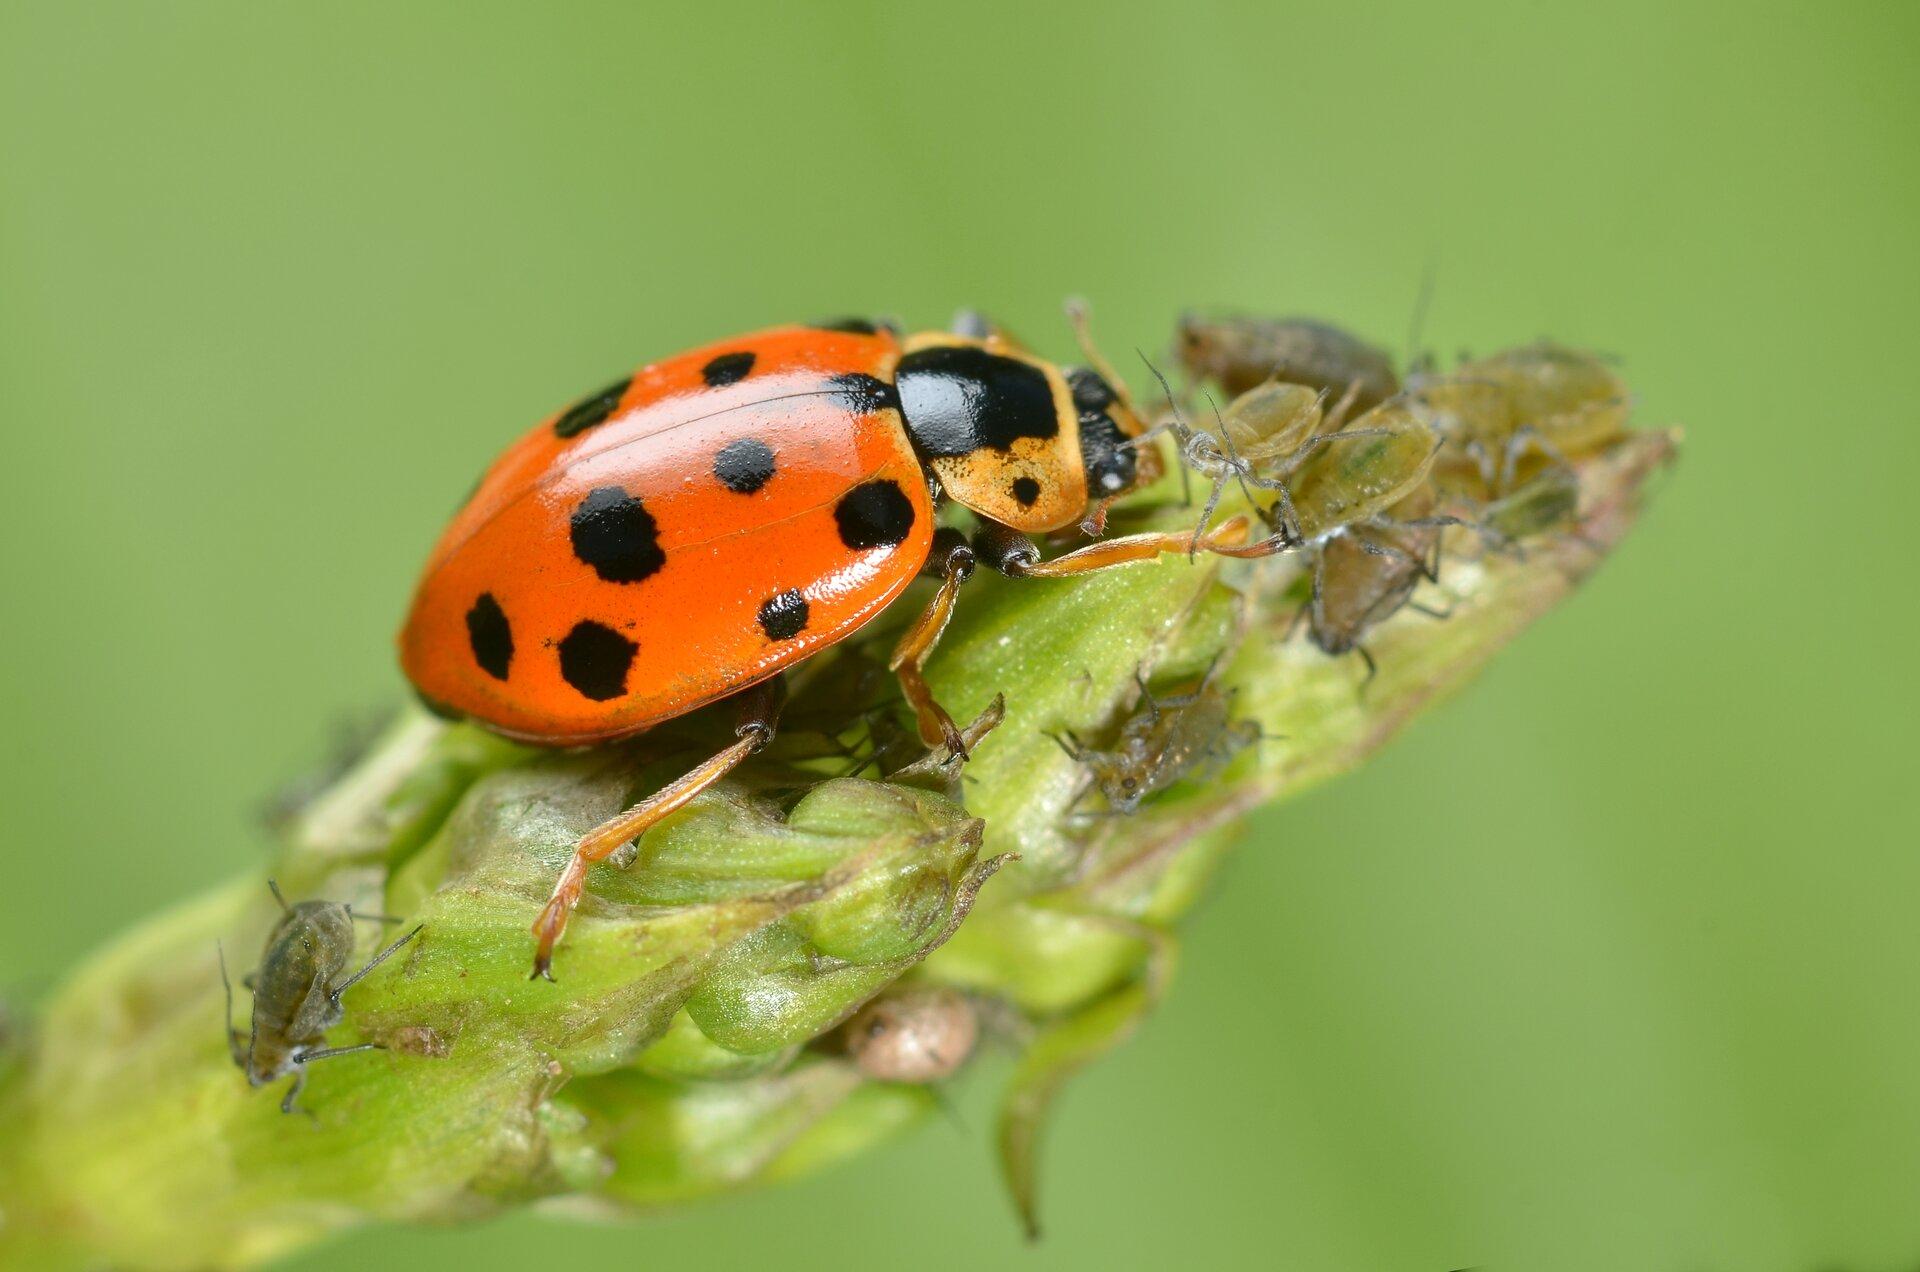 Fotografia przedstawia pomarańczową biedronkę wdużym zbliżeniu. Ten drapieżny owad siedzi na zielonym pąku rośliny, atakuje izjada małe, szare mszyce.